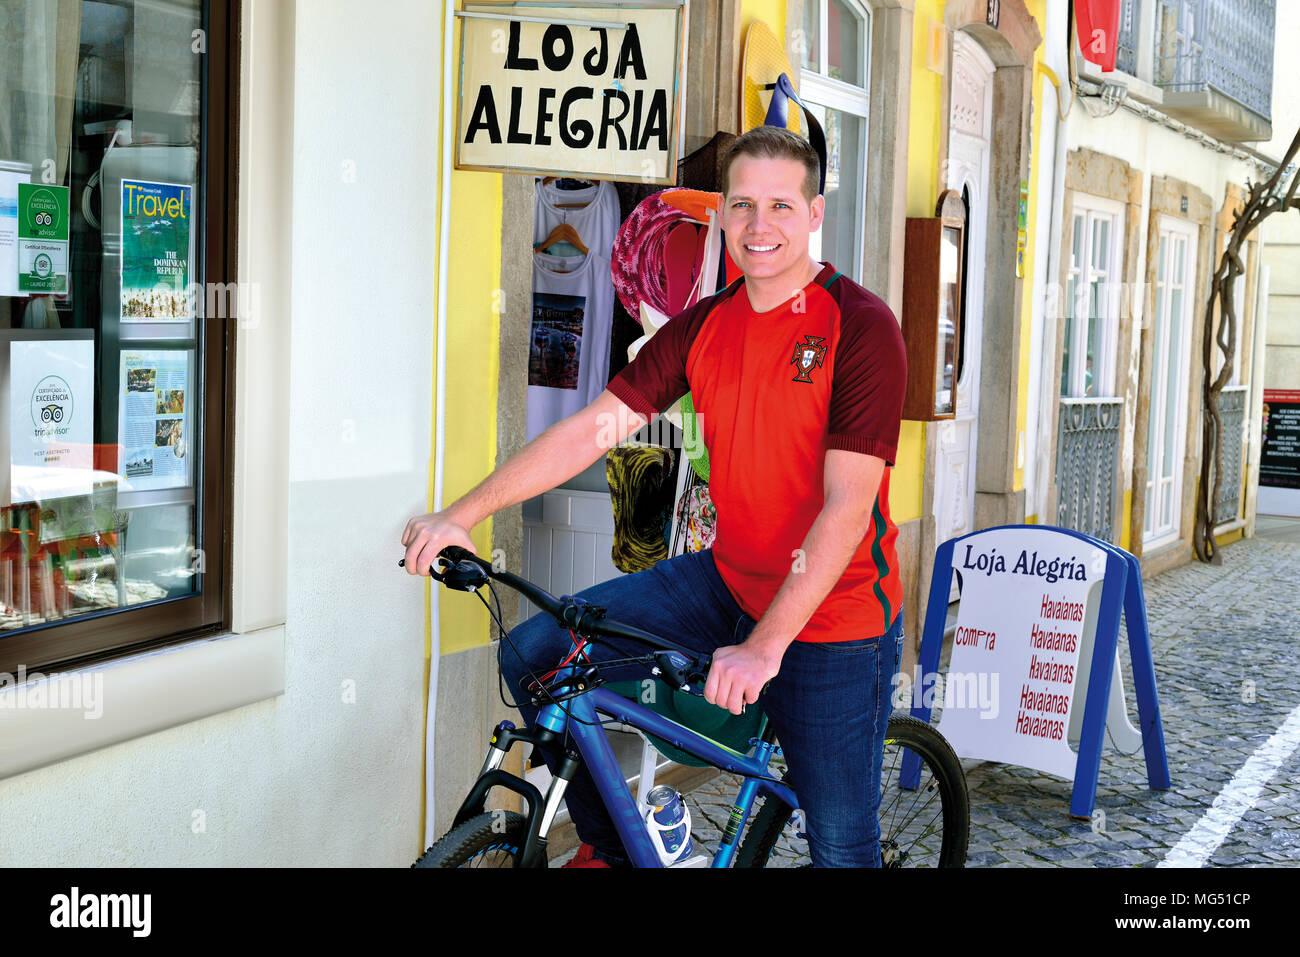 Jeune homme blond avec maillot de l'équipe nationale de football portugais assis sur un vélo et souriant à l'appareil photo Photo Stock